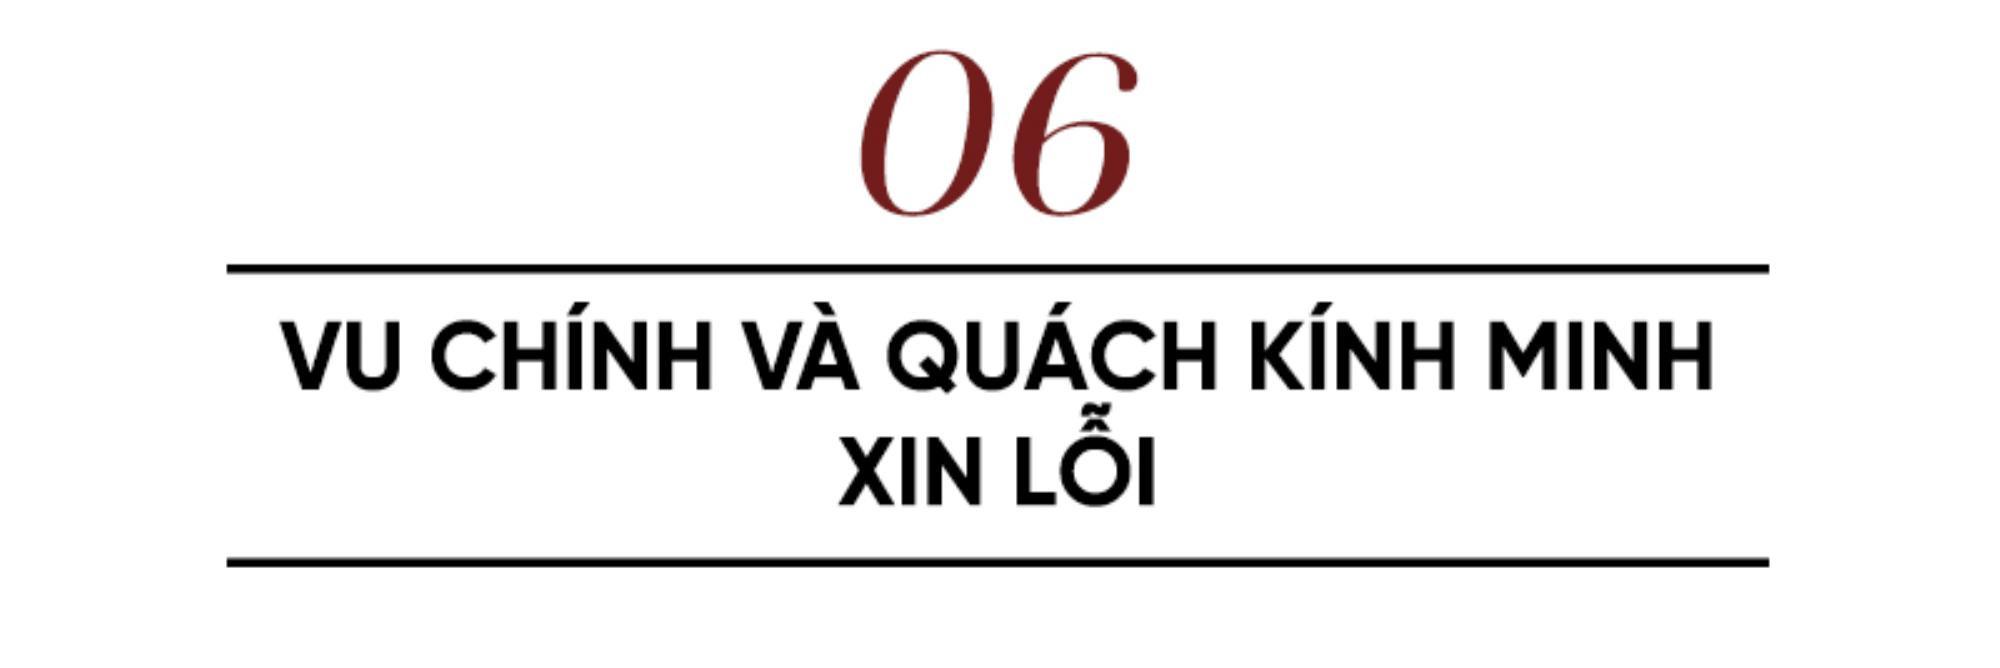 10 sự kiện gây chấn động showbiz Hoa Ngữ nửa đầu năm 2021: Chẳng có gì bất ngờ bằng scandal Trịnh Sảng Ảnh 11